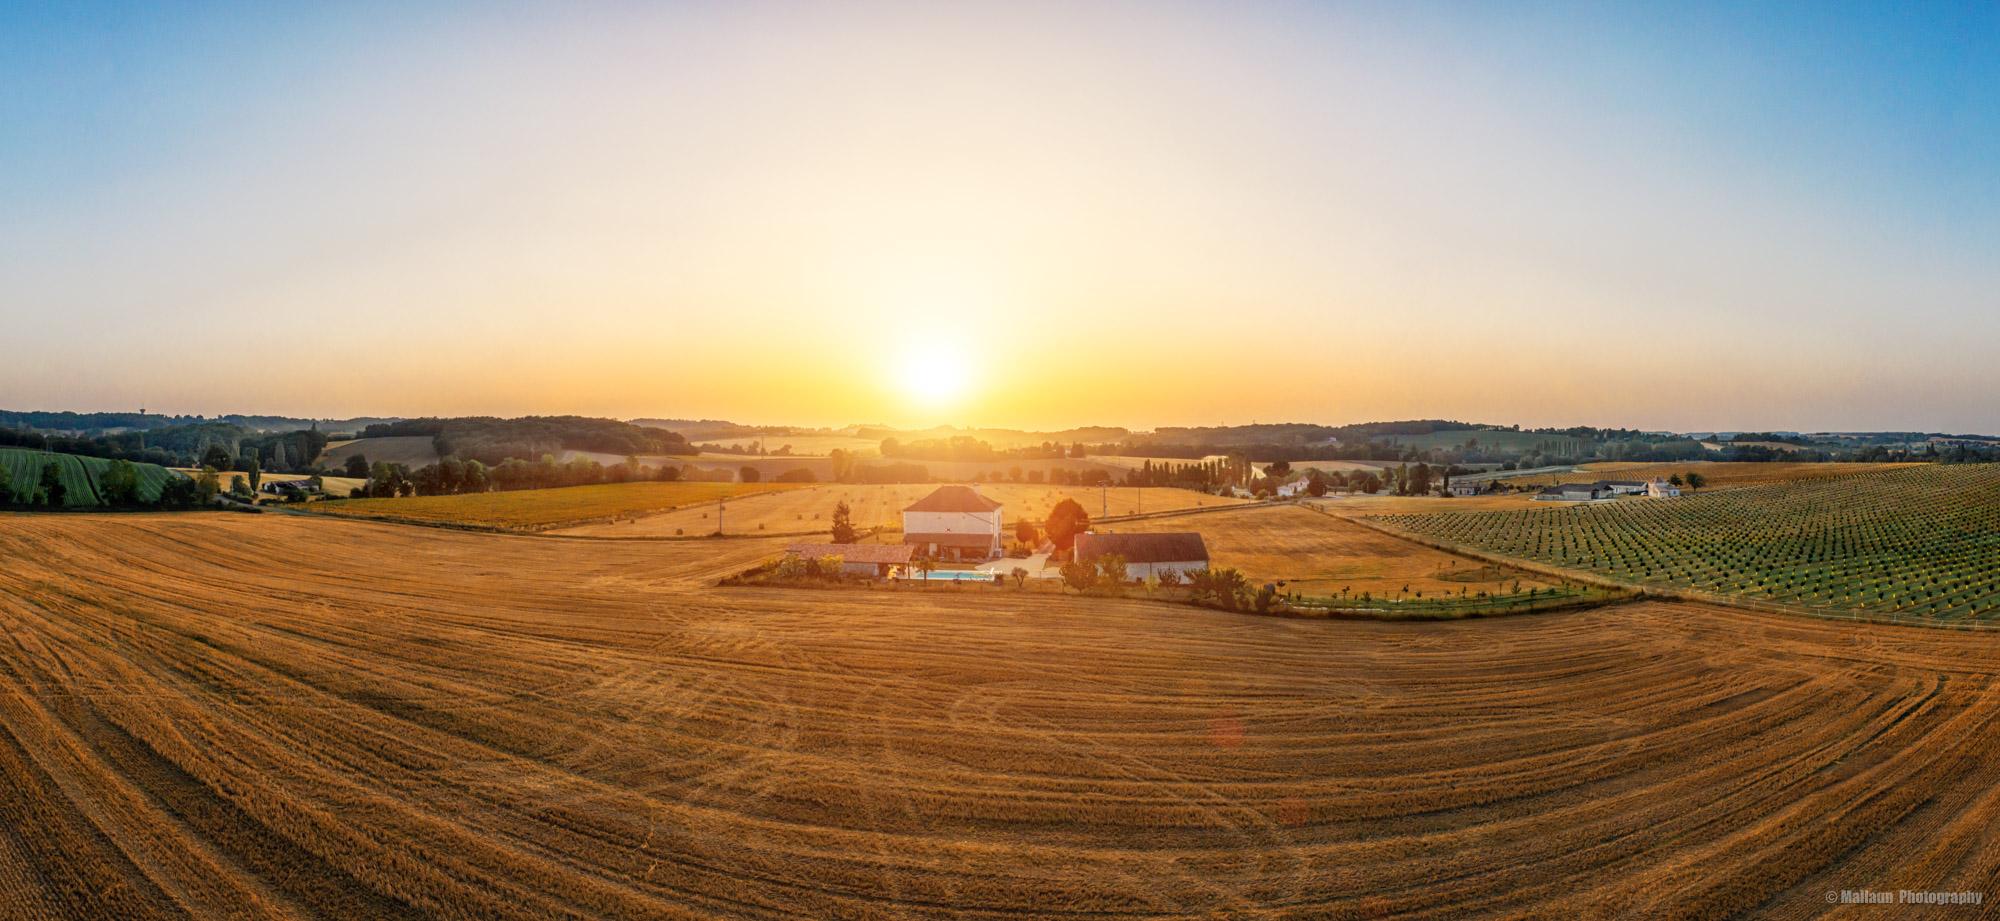 Drohnen-Panorama von der Domaine les Courteaux mit der Mavic Pro 2 © Mallaun Photography